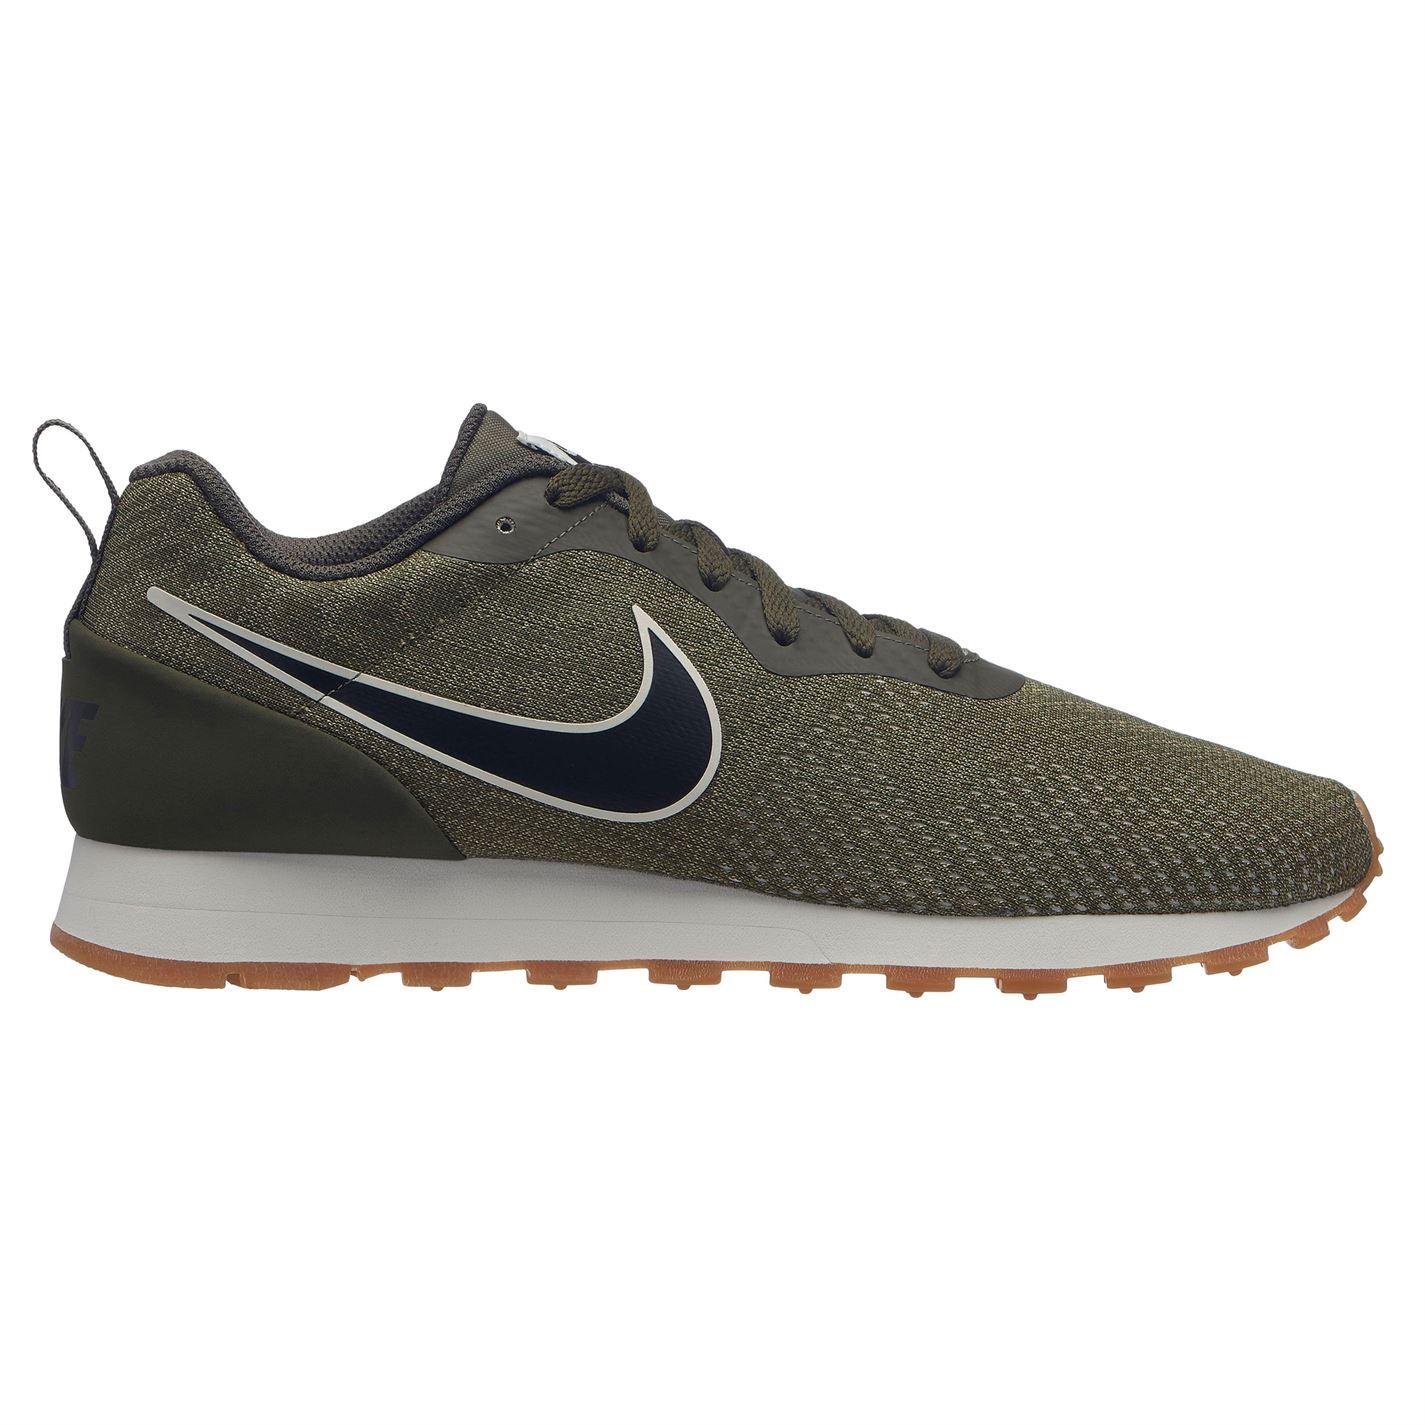 boty Nike MD Runner 2 Engineered Mesh pánské